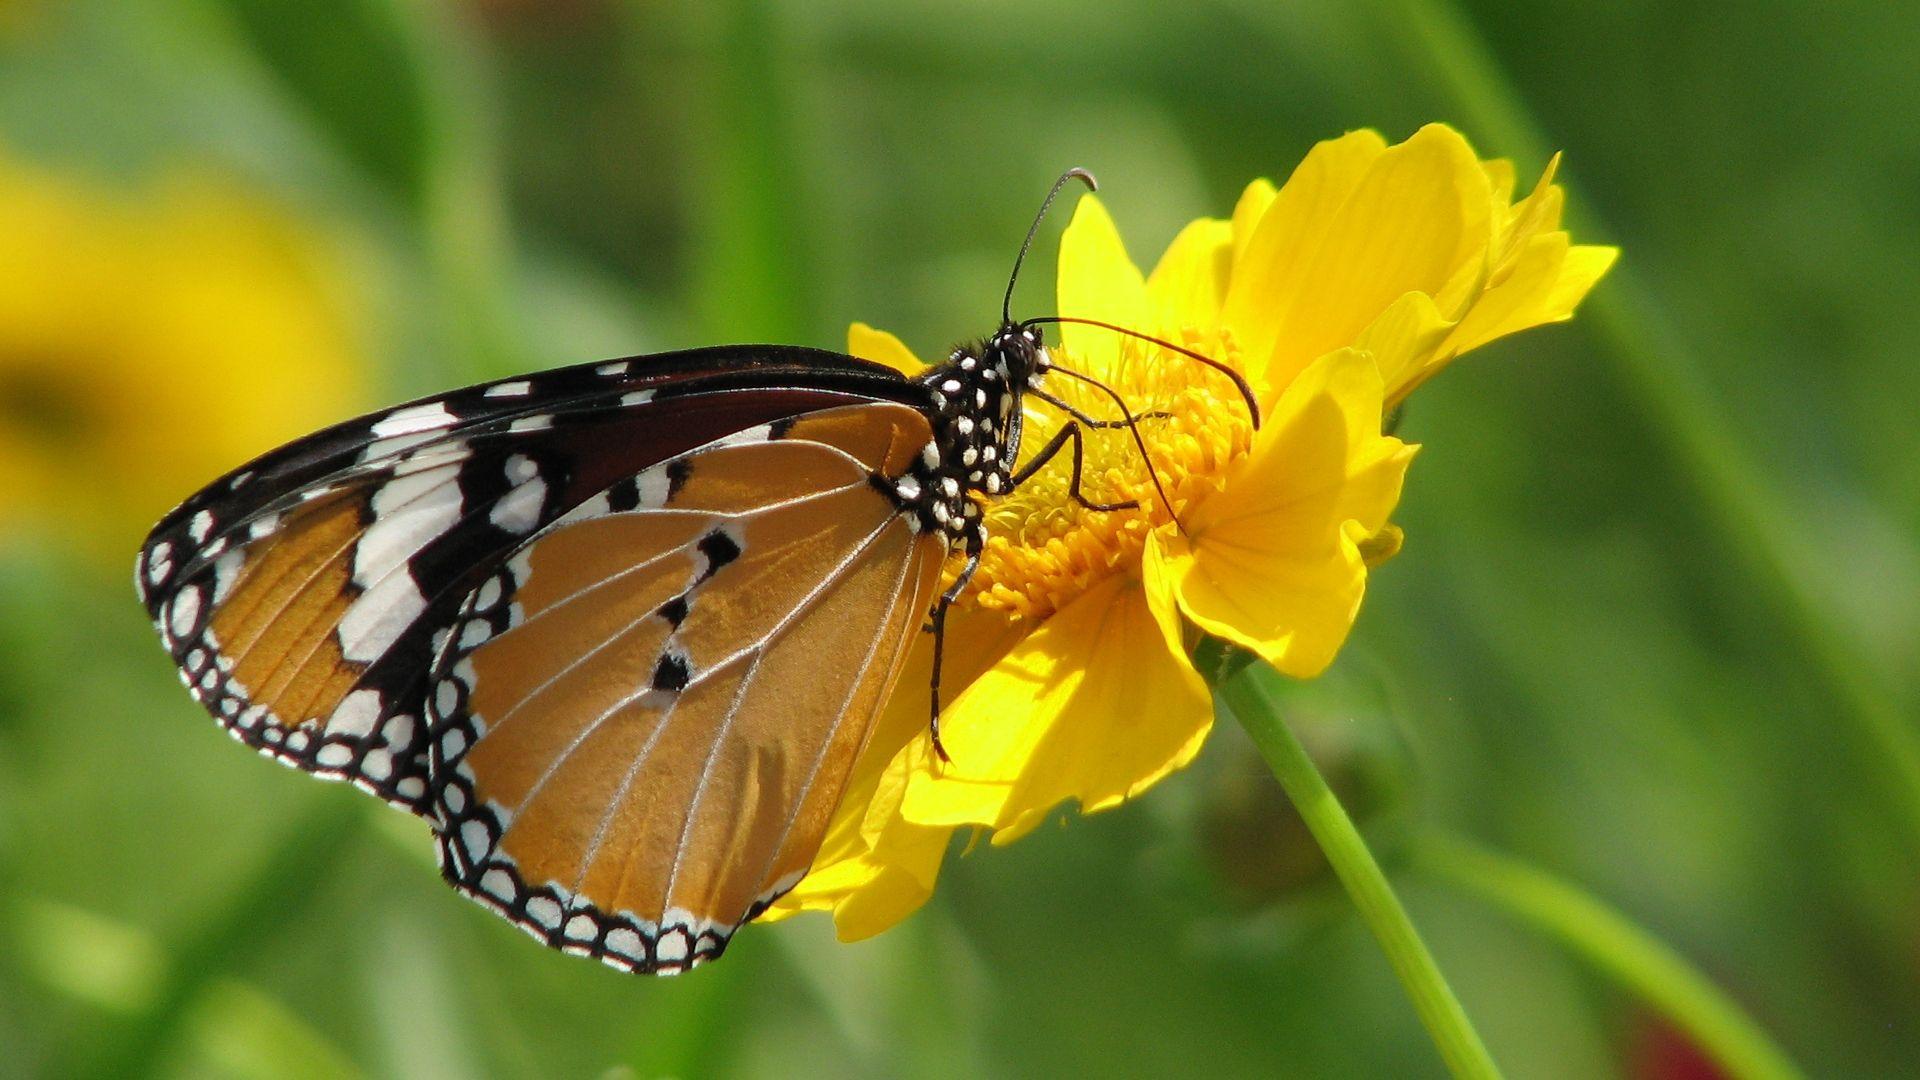 Butterfly Wallpaper 1080p Hinh ảnh Phong Cảnh Hinh Nền